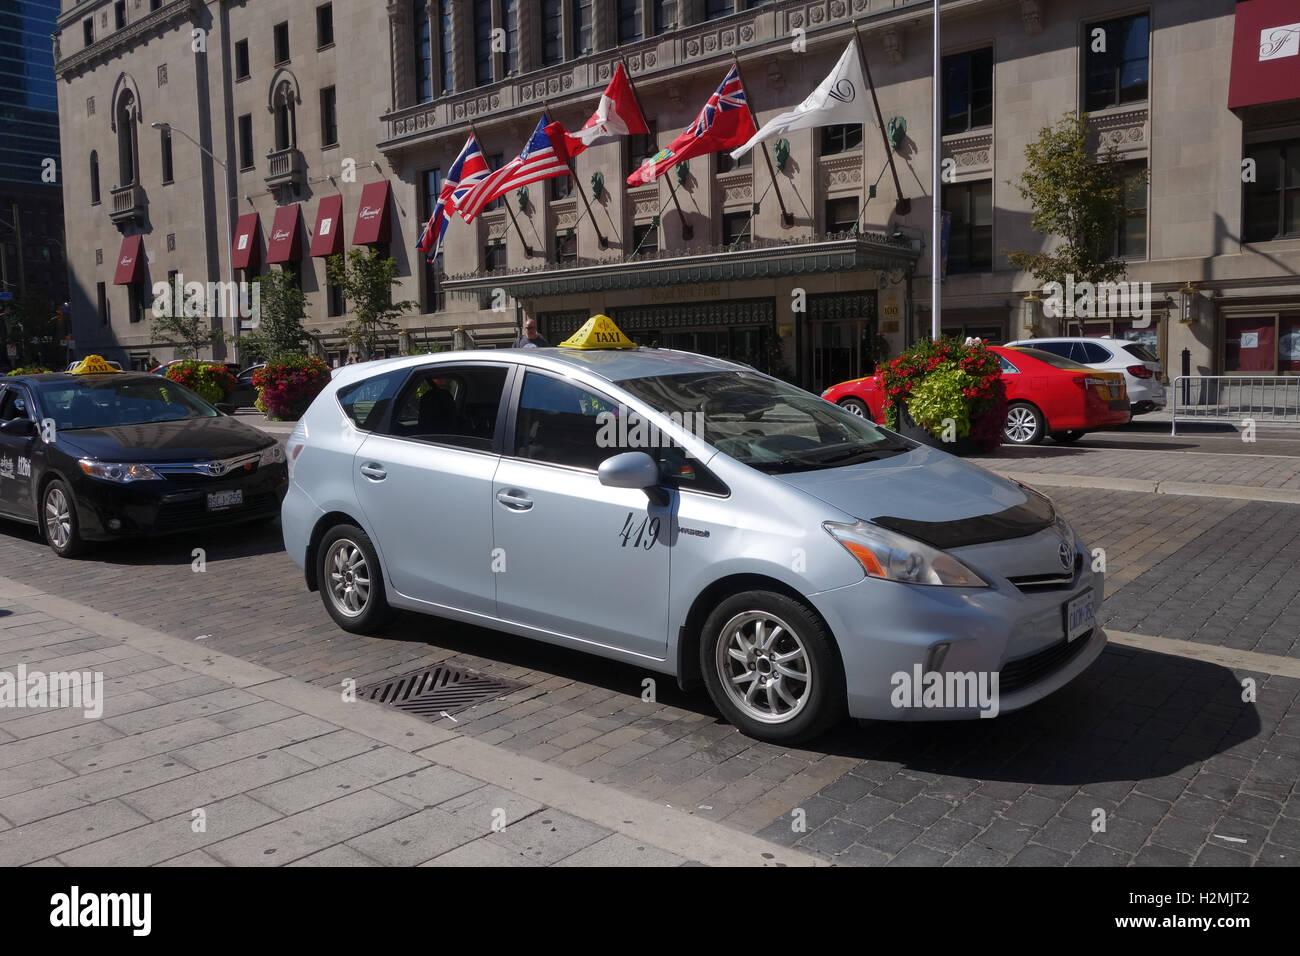 Prius Taxi Hybrid - Stock Image